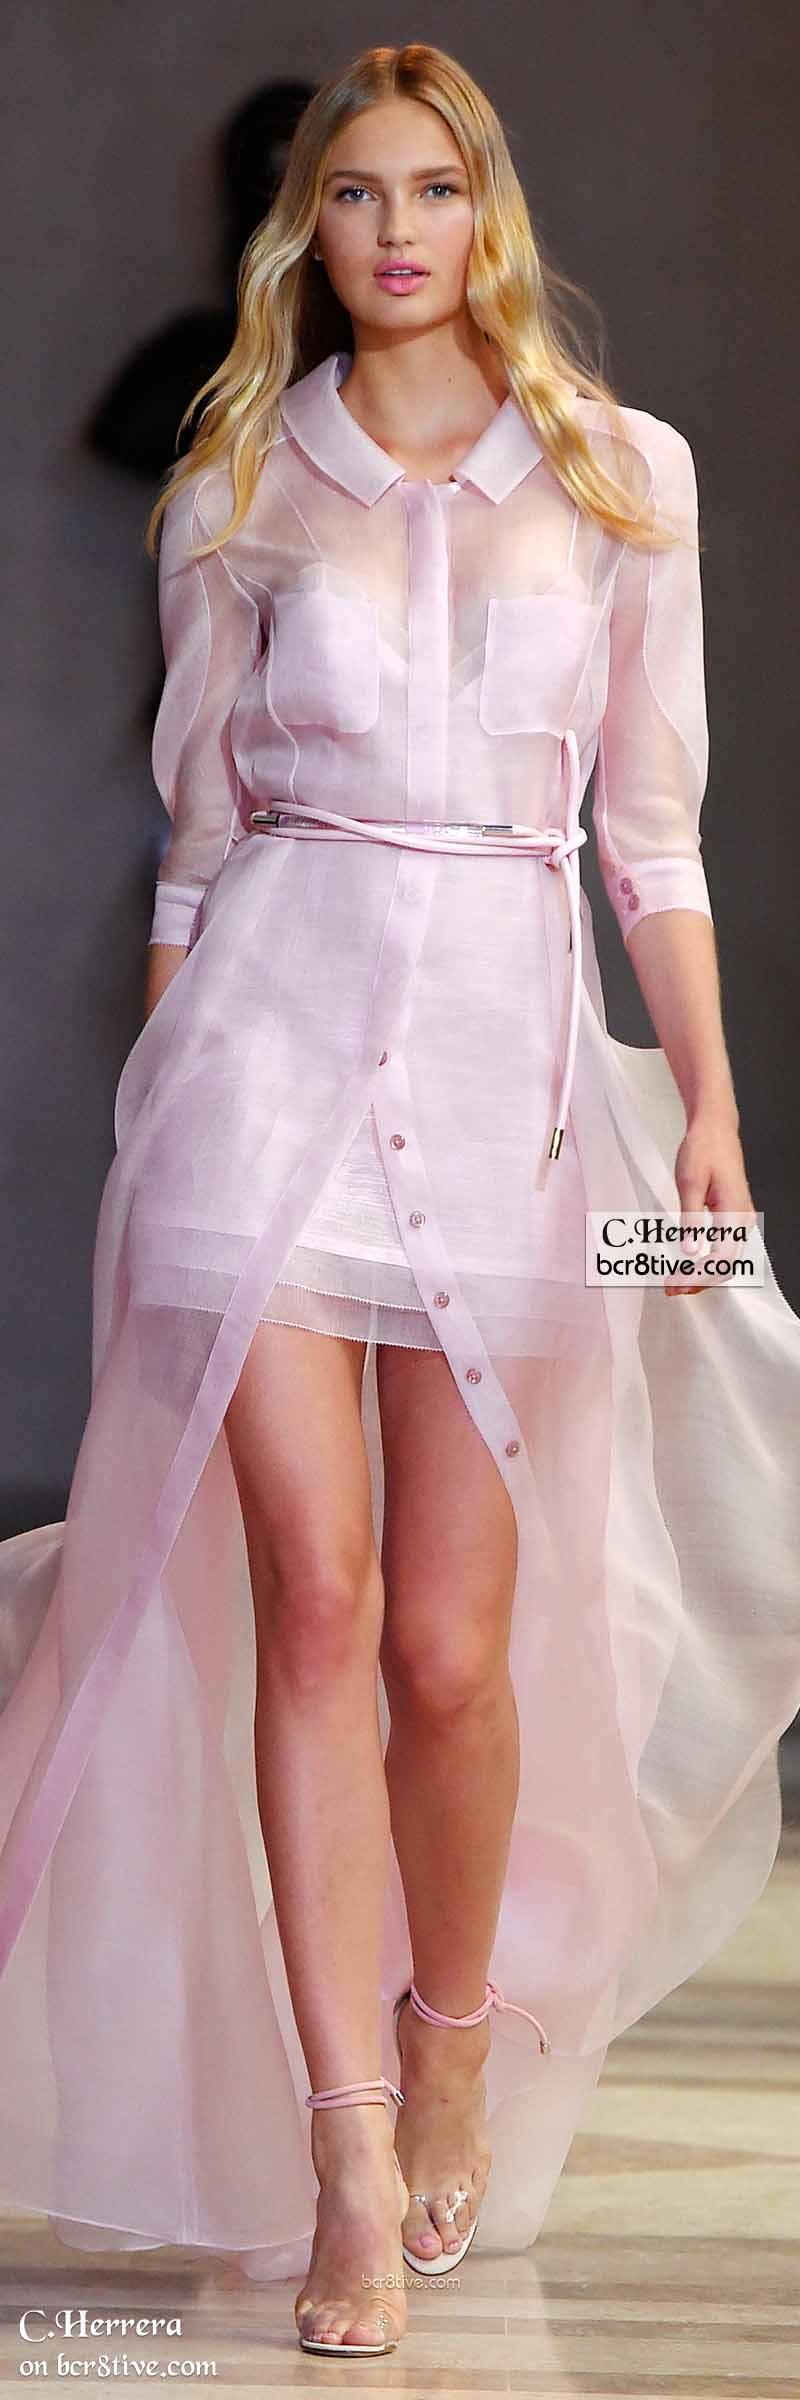 Carolina Herrera Spring 2016 | Vestido de organza, Alta costura y ...